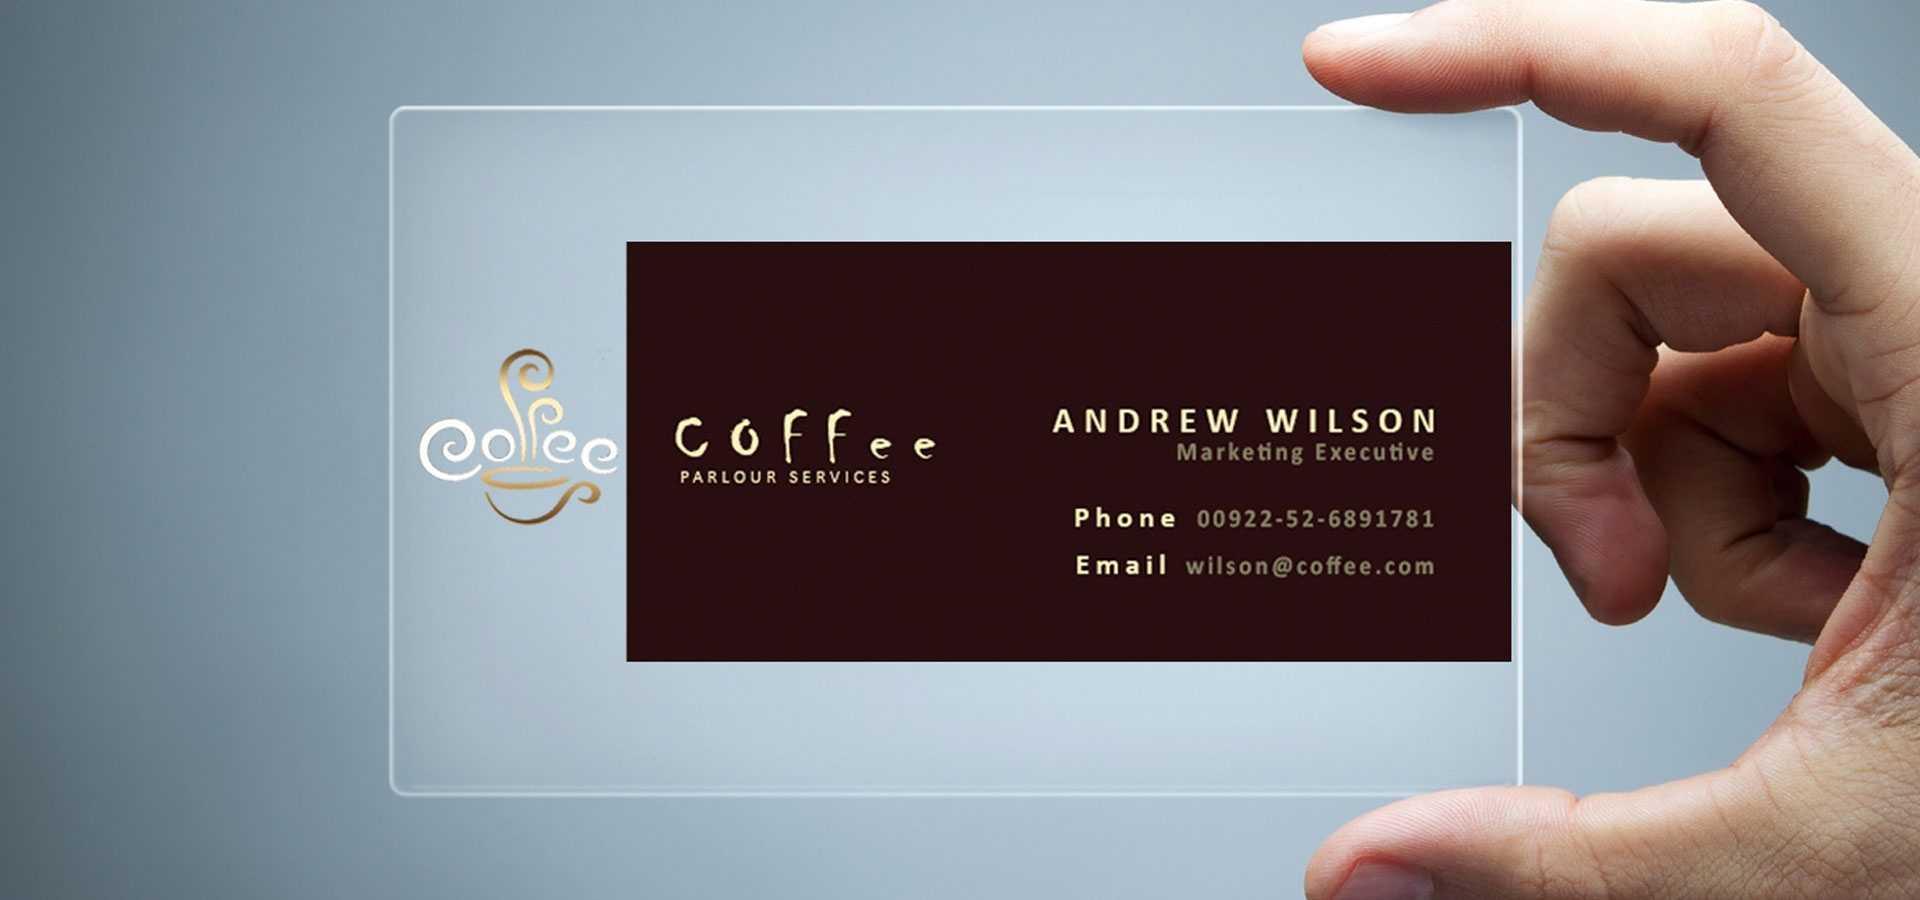 26+ Transparent Business Card Templates - Illustrator, Ms For Transparent Business Cards Template